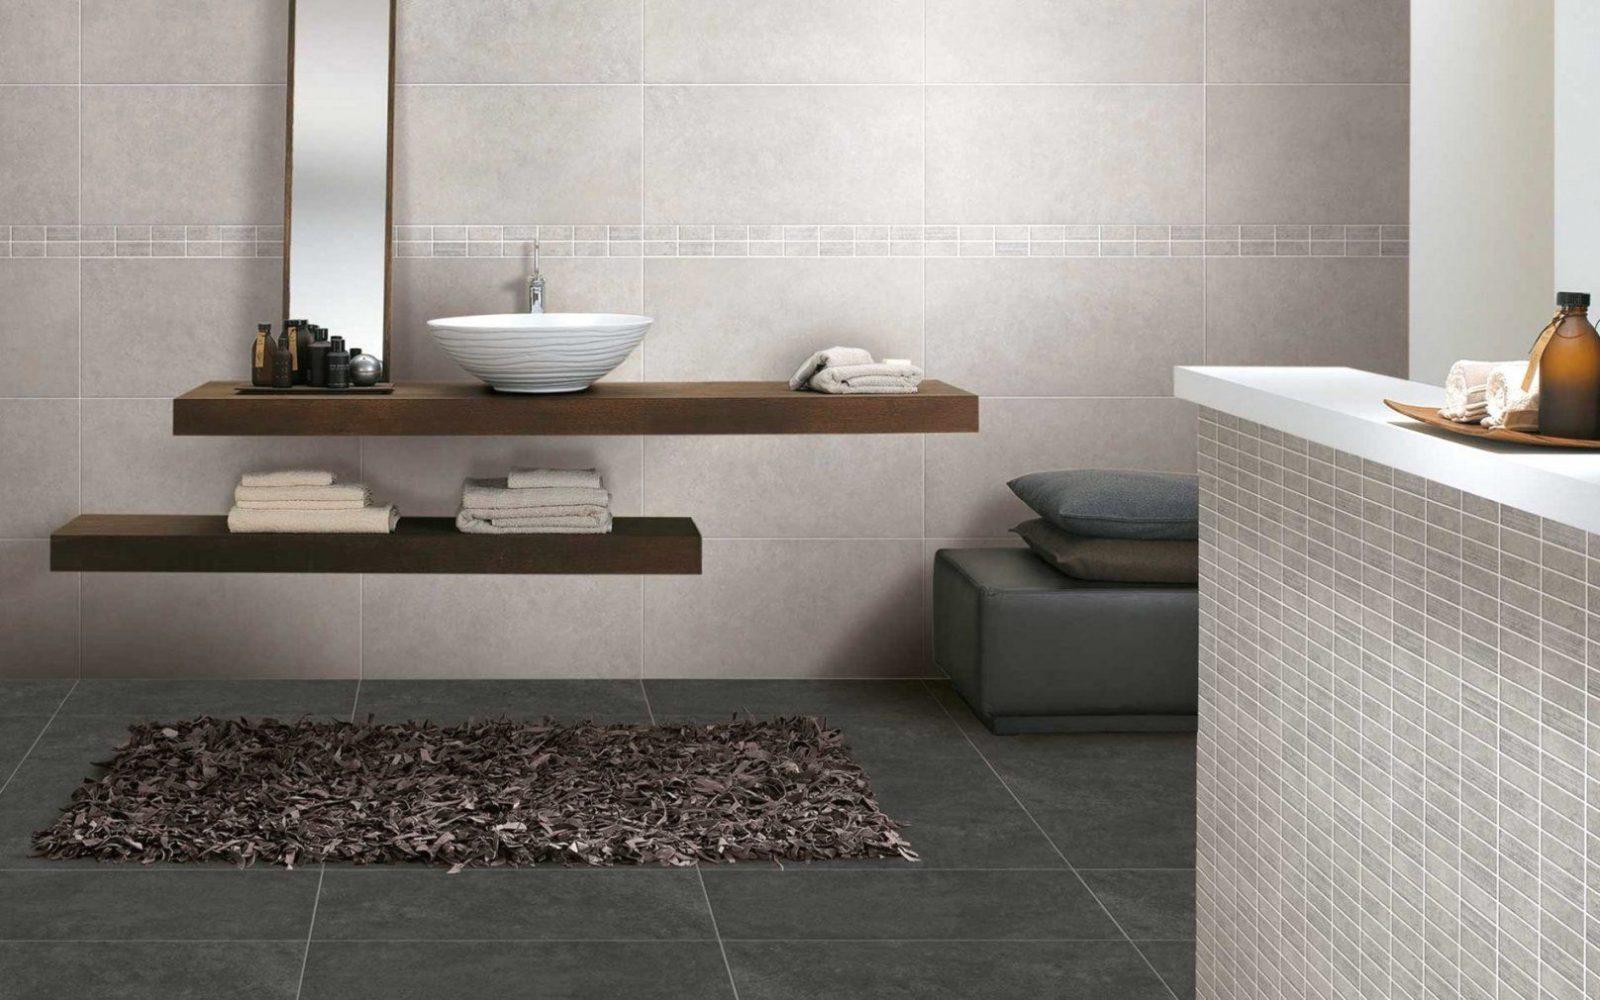 Mosaikfliesen Bad Grau Mit Badezimmer Weiß 4 Und von Mosaik Fliesen Bad Grau Bild